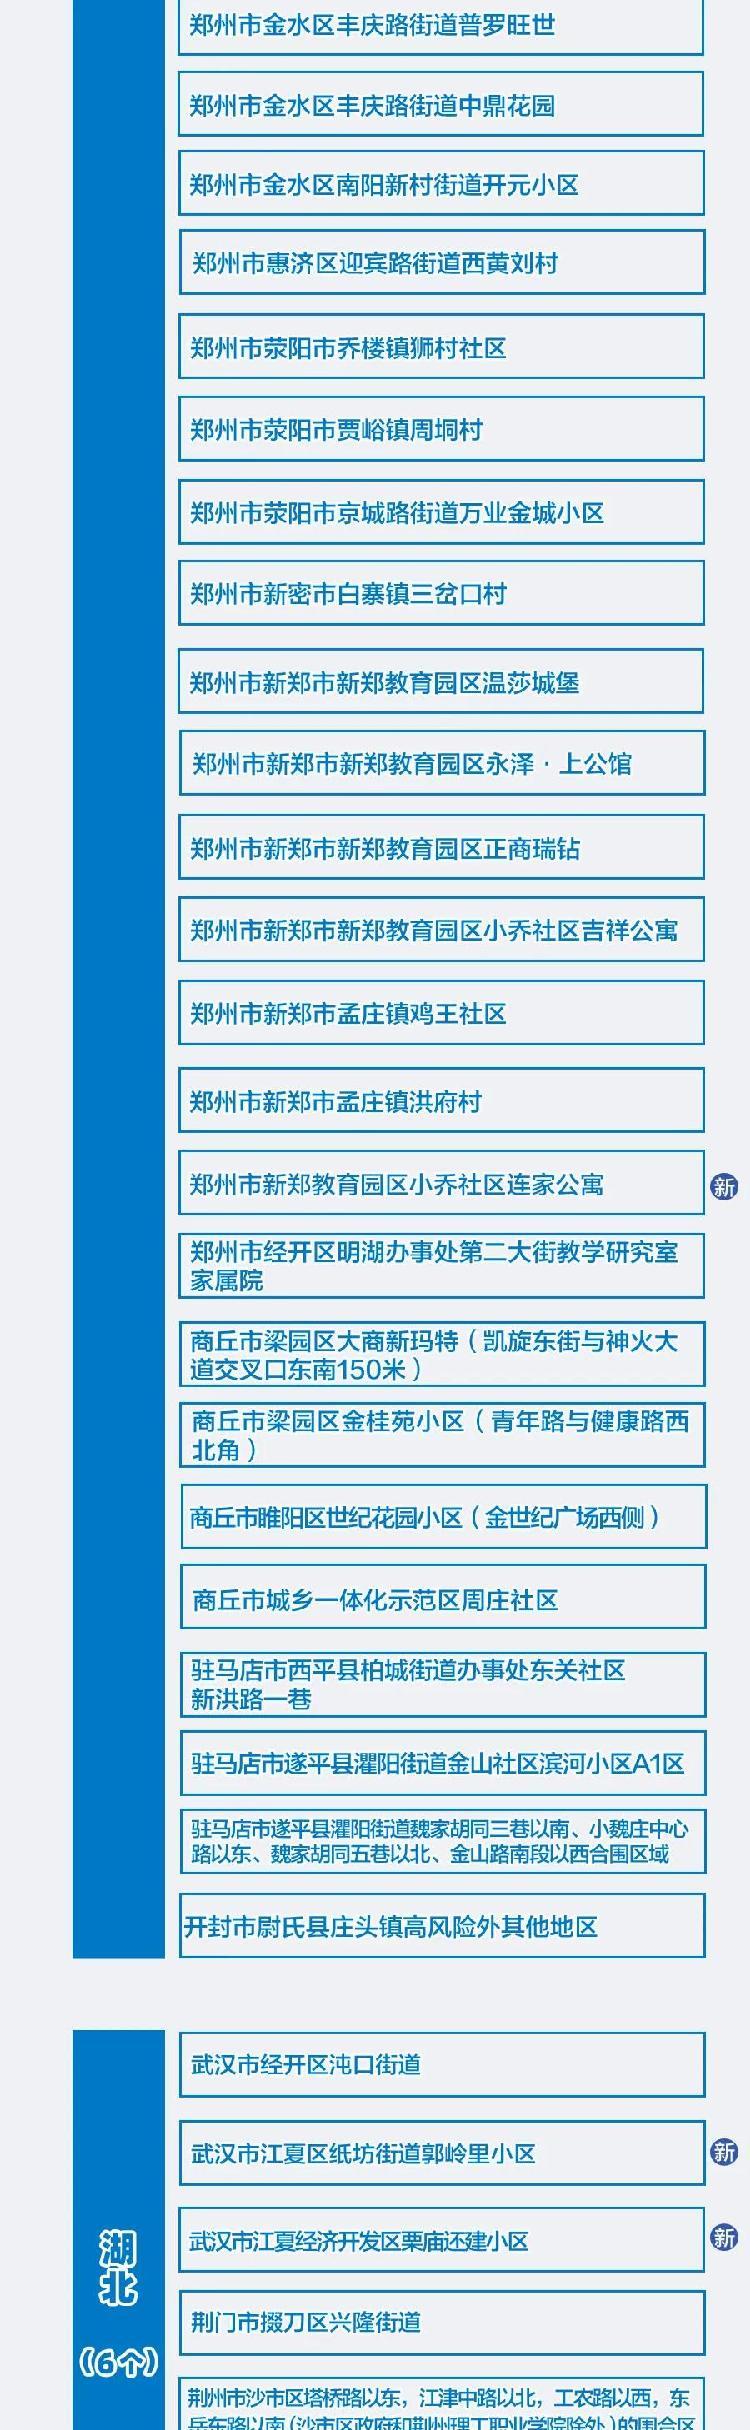 《【摩臣娱乐登录地址】郑州三地升级,全国现有高中风险区15+204个》